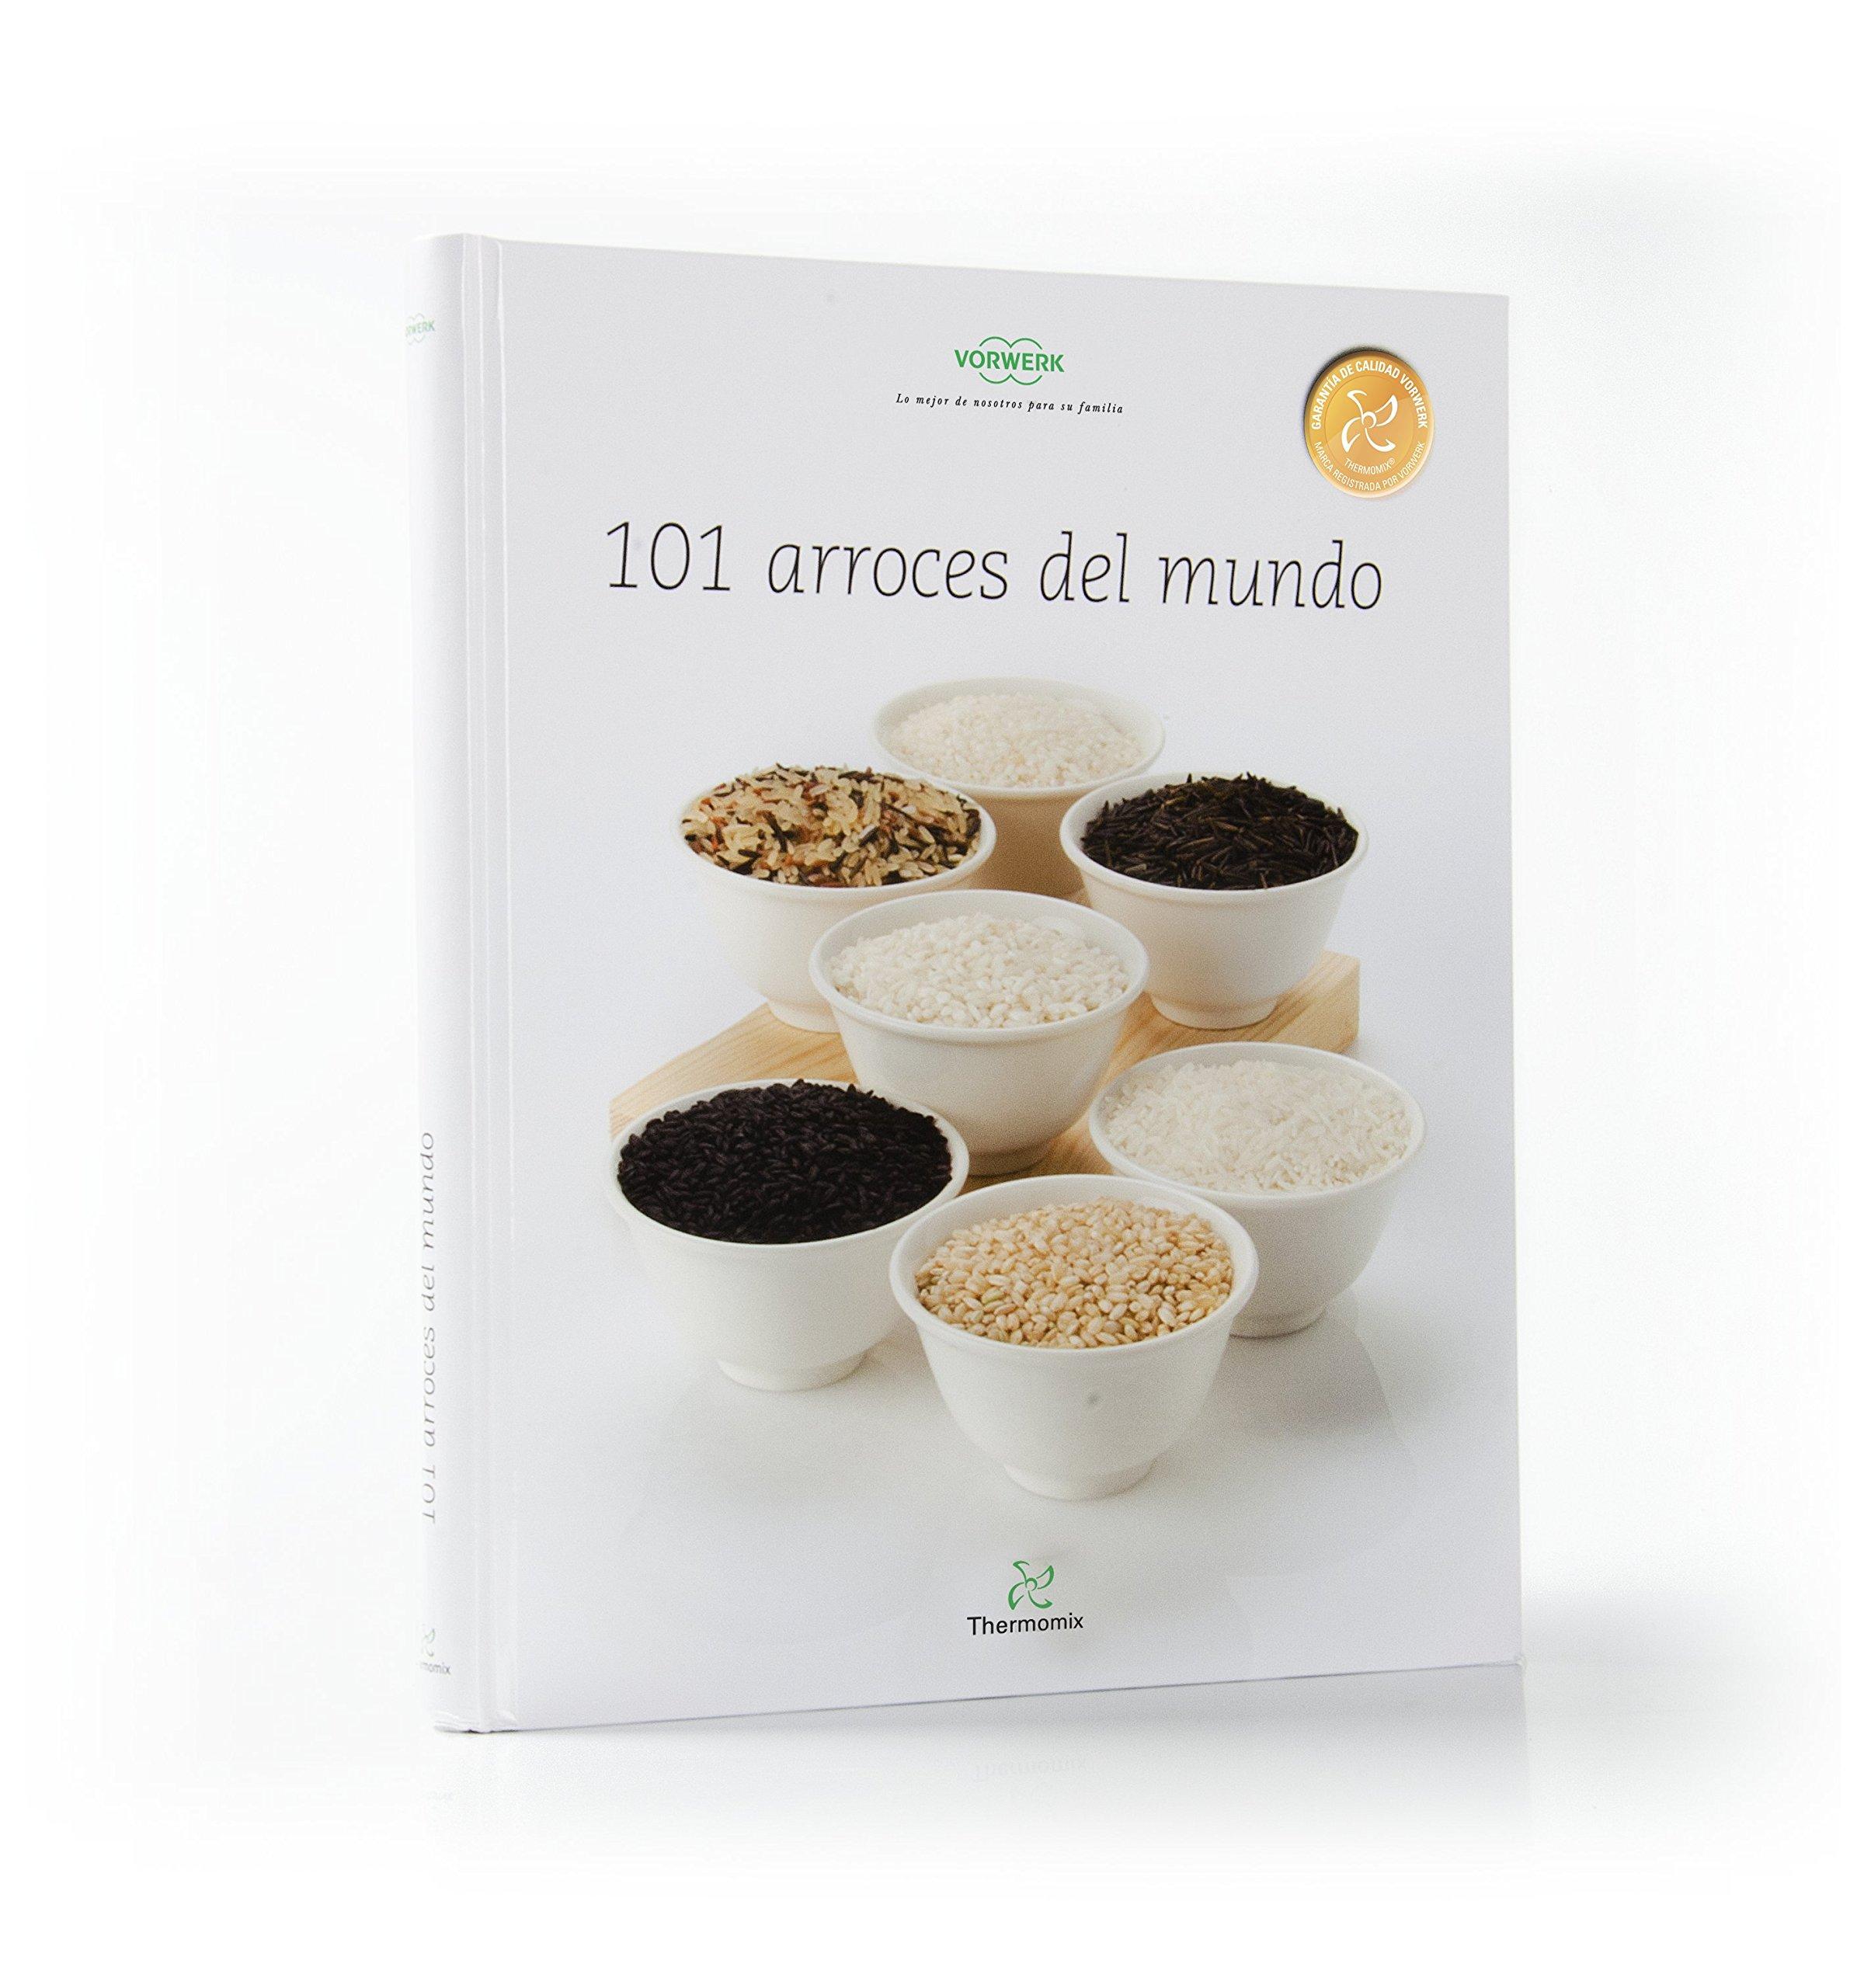 101 Arroces Del Mundo Amazones Vorwerk Thermomix Libros